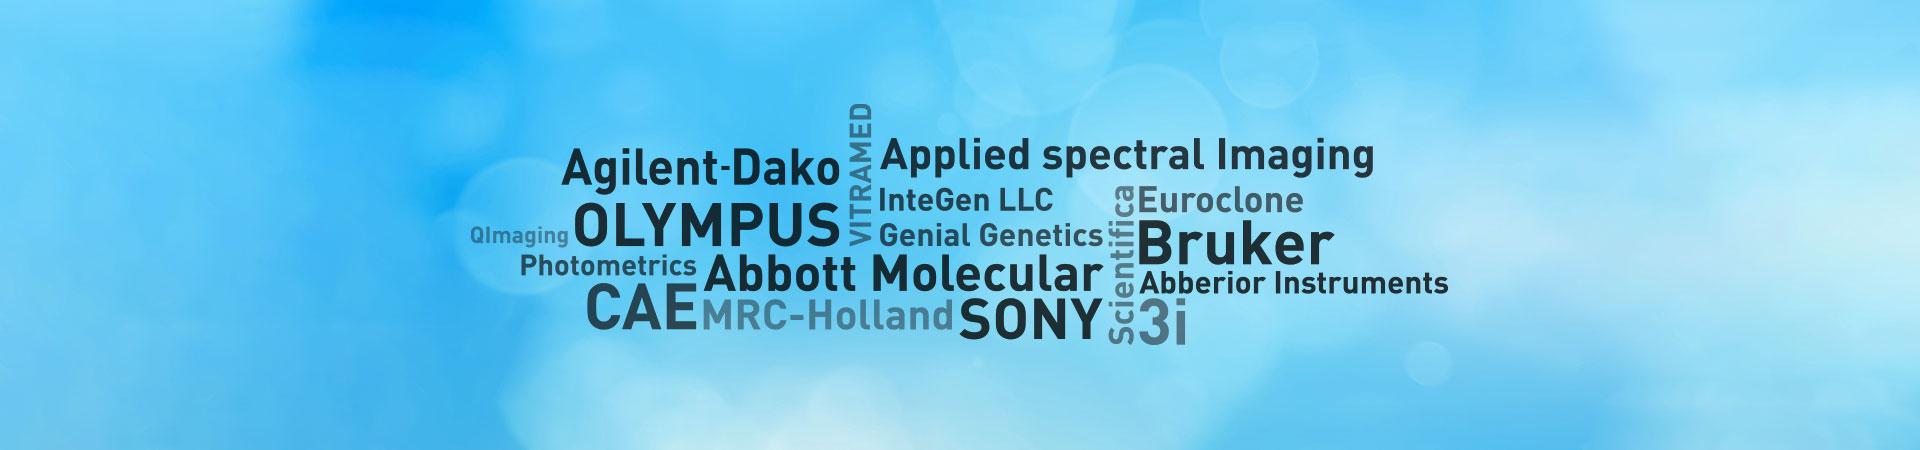 DSS Imagetech Brand Partners